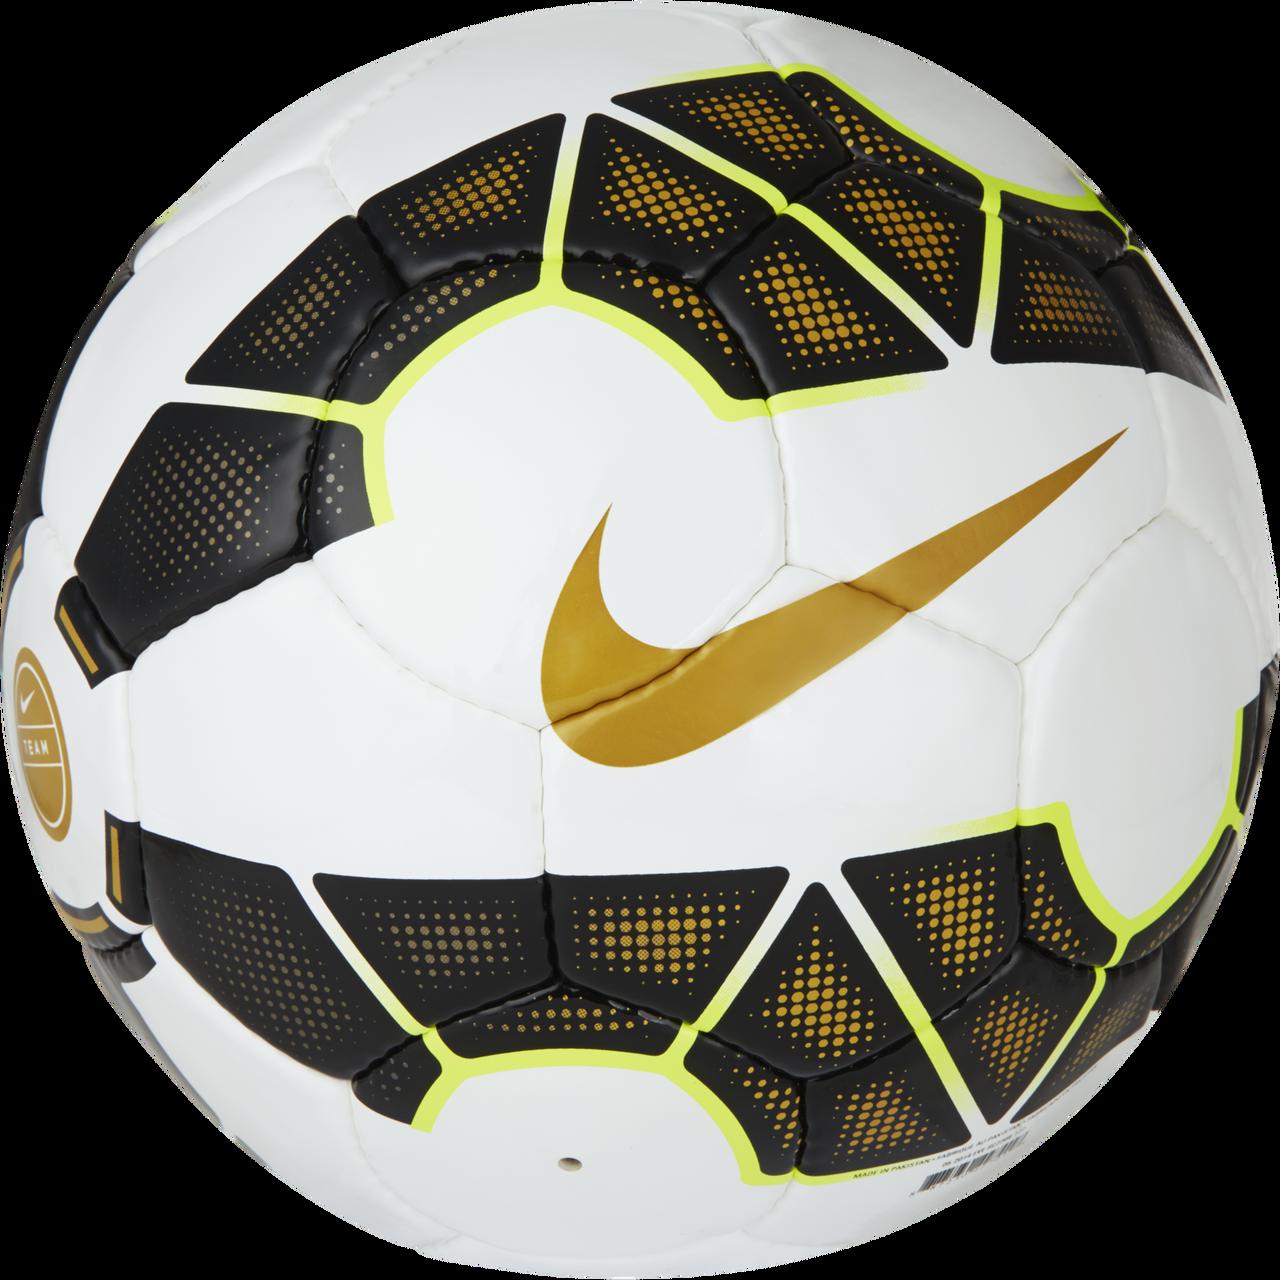 004eb5f2c6 Nike Premier League Team Fifa 2.0 Football 2014-2015